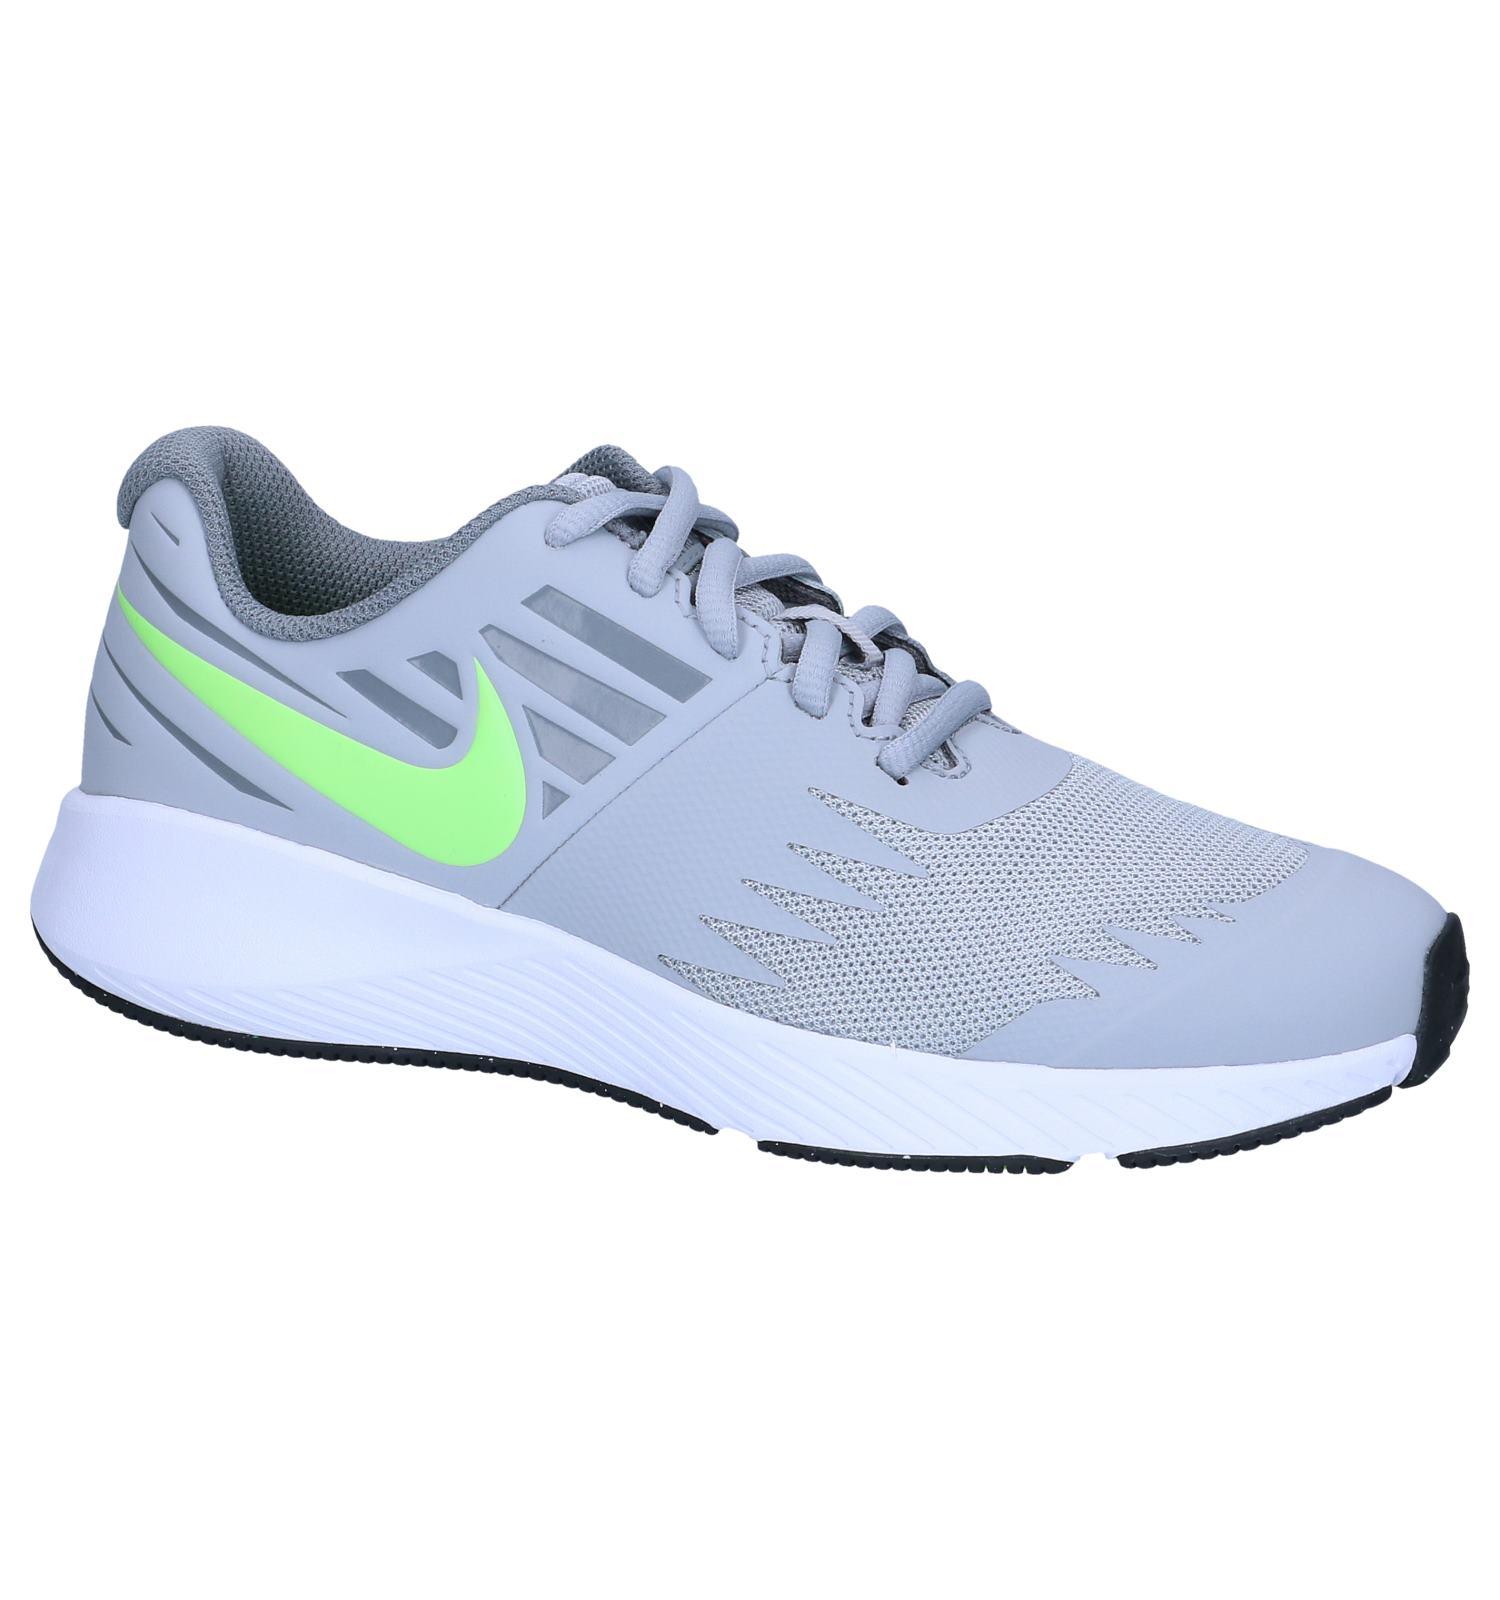 01b0bb0ce14 Grijze Runners Nike Star Runner GS | SCHOENENTORFS.NL | Gratis verzend en  retour